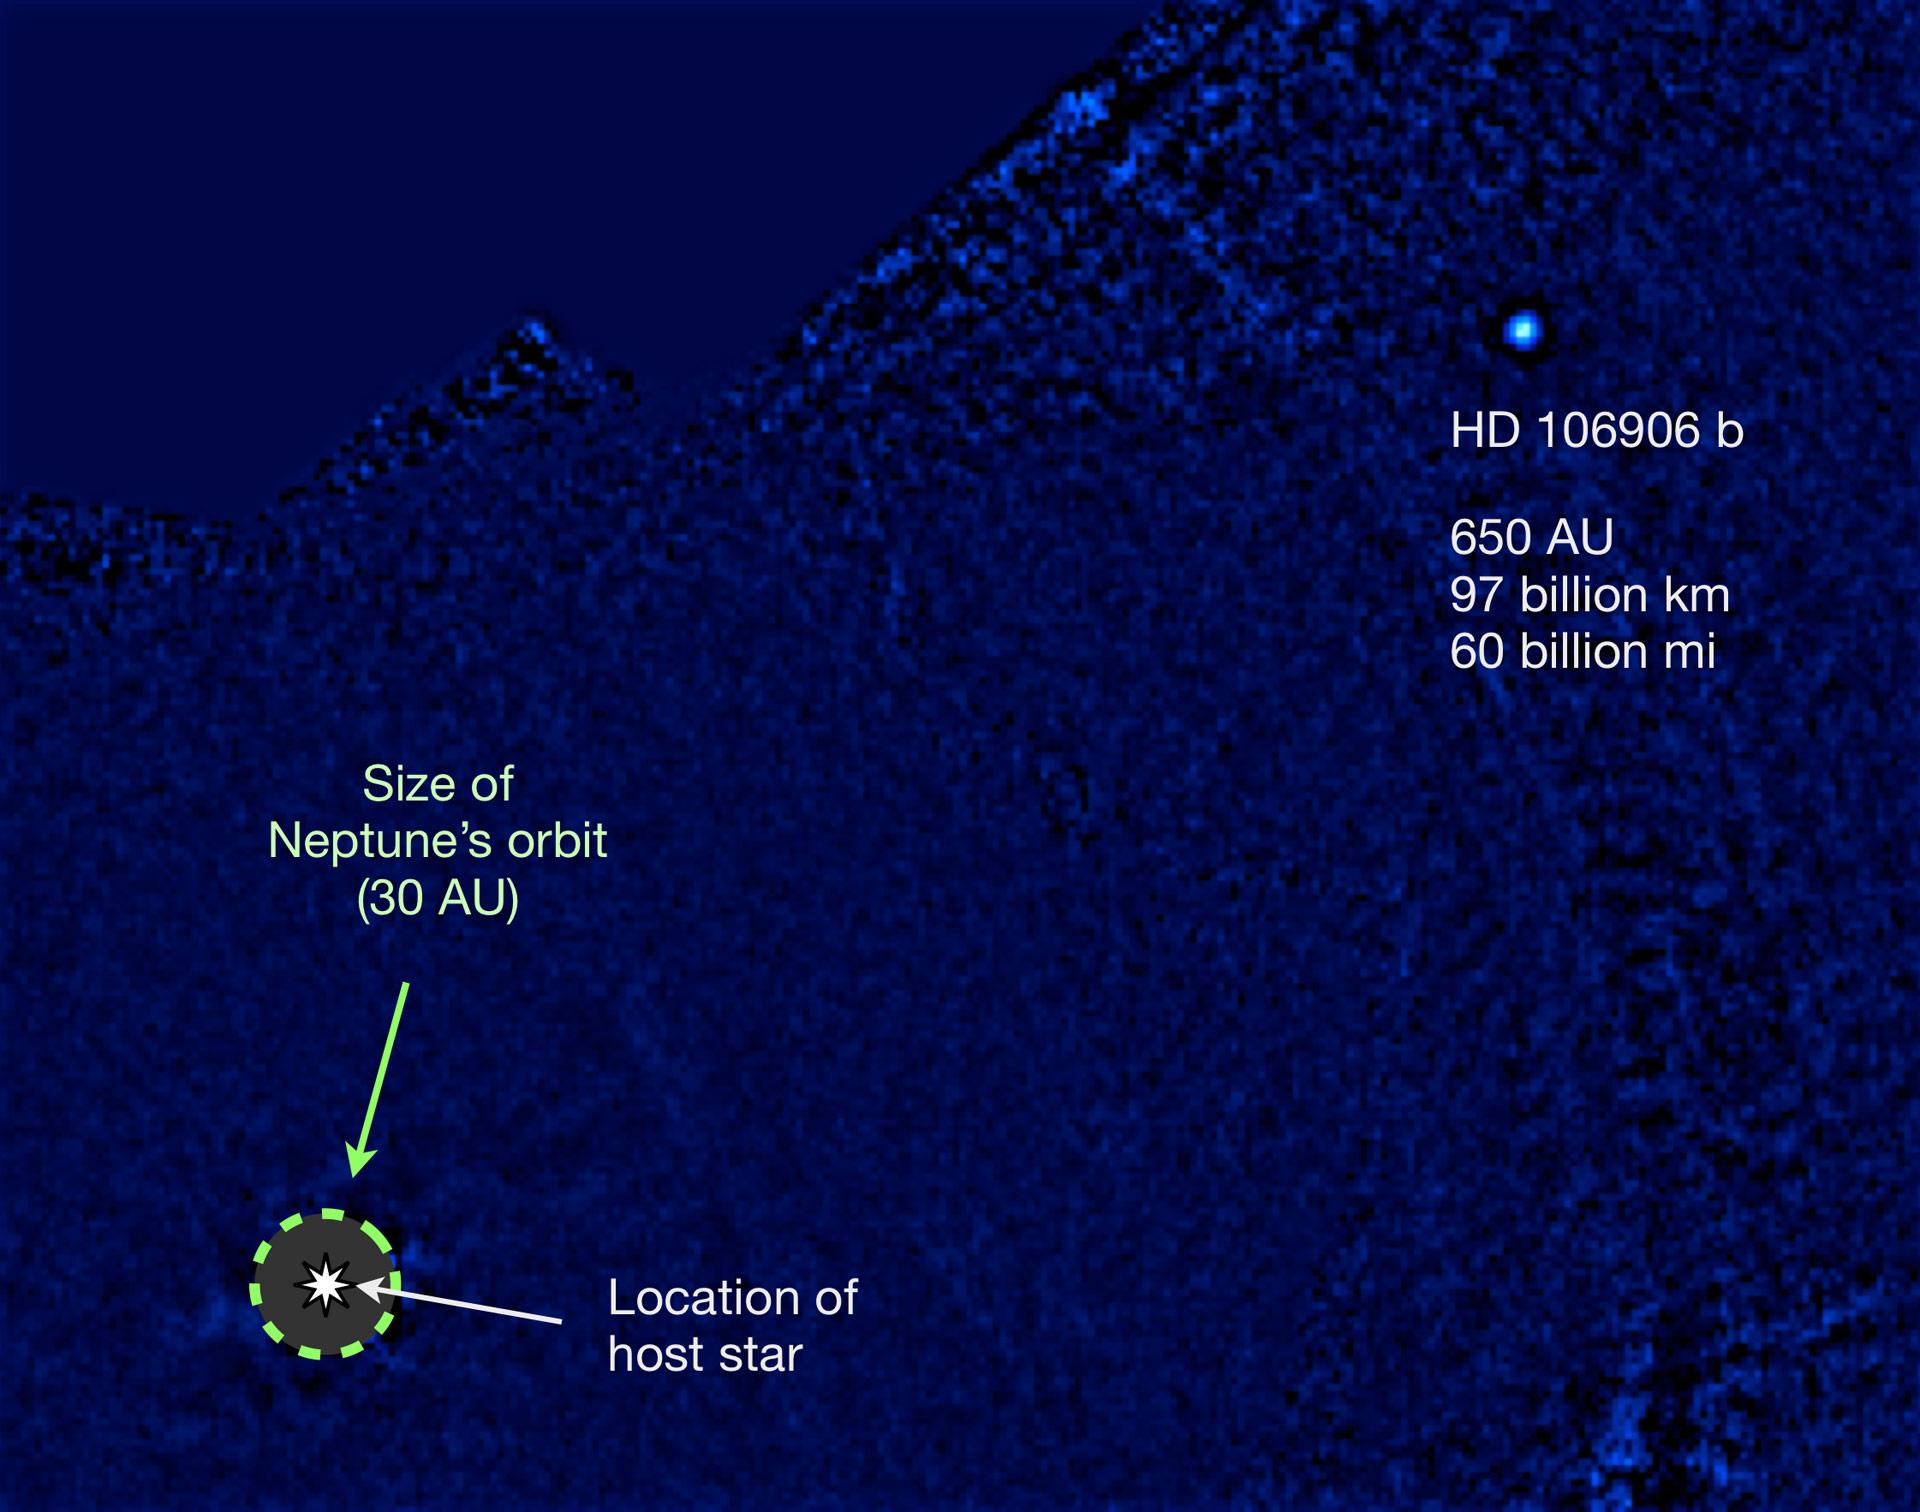 Imagen del planeta HD 106906 b en el infrarrojo térmico usando el MagAO/Clio2, procesada para remover la luz de la estrella. La UA (Unidad Astronómica) corresponde a la distancia entre la Tierra y el Sol.